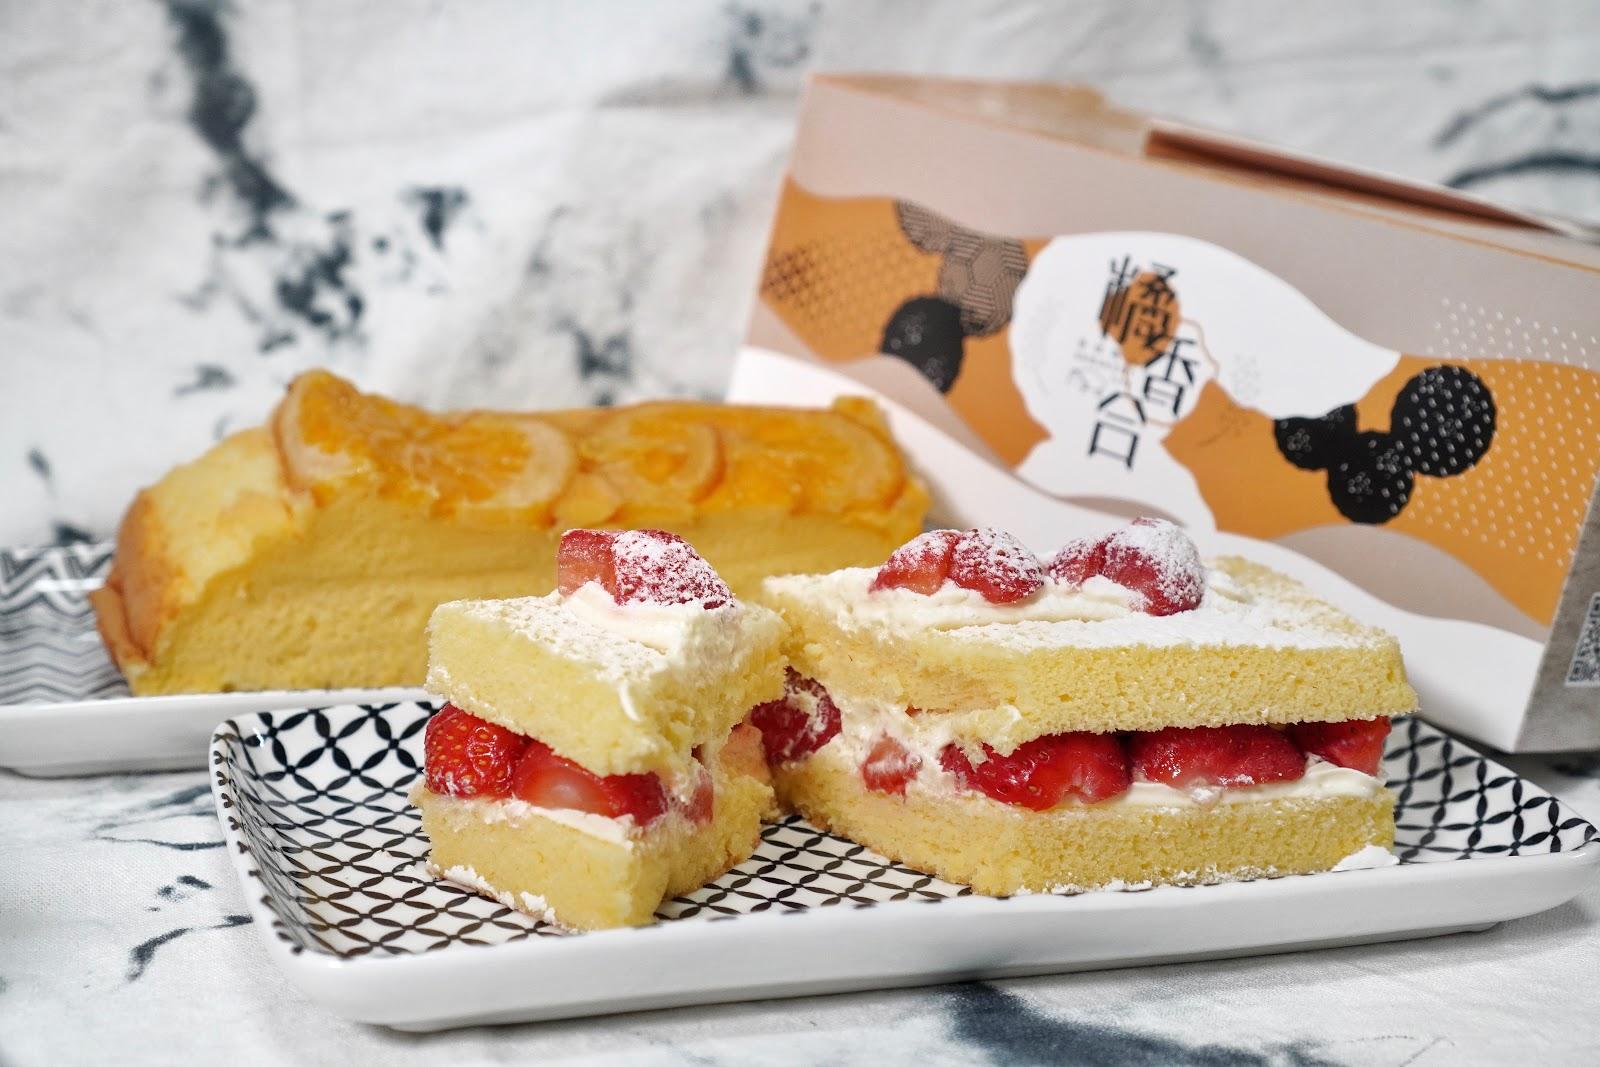 台南中西區美食【橘香合-蛋糕職人】草莓蛋糕推薦